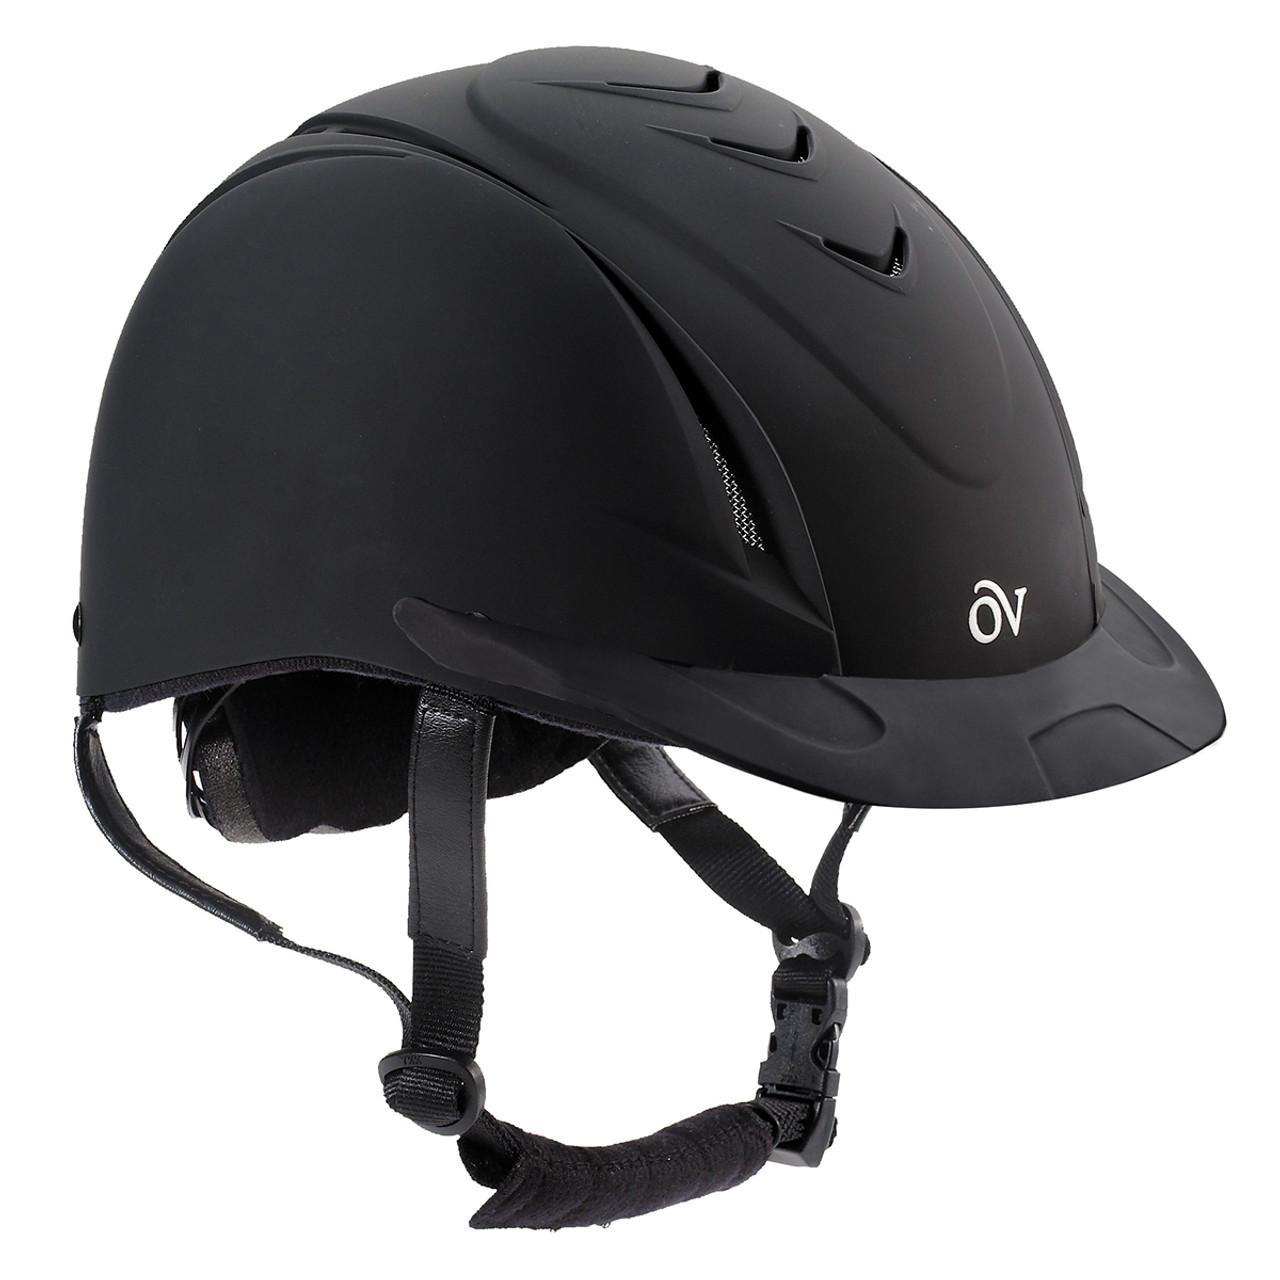 Ovation Deluxe Schooler Helmet Riding Helmets